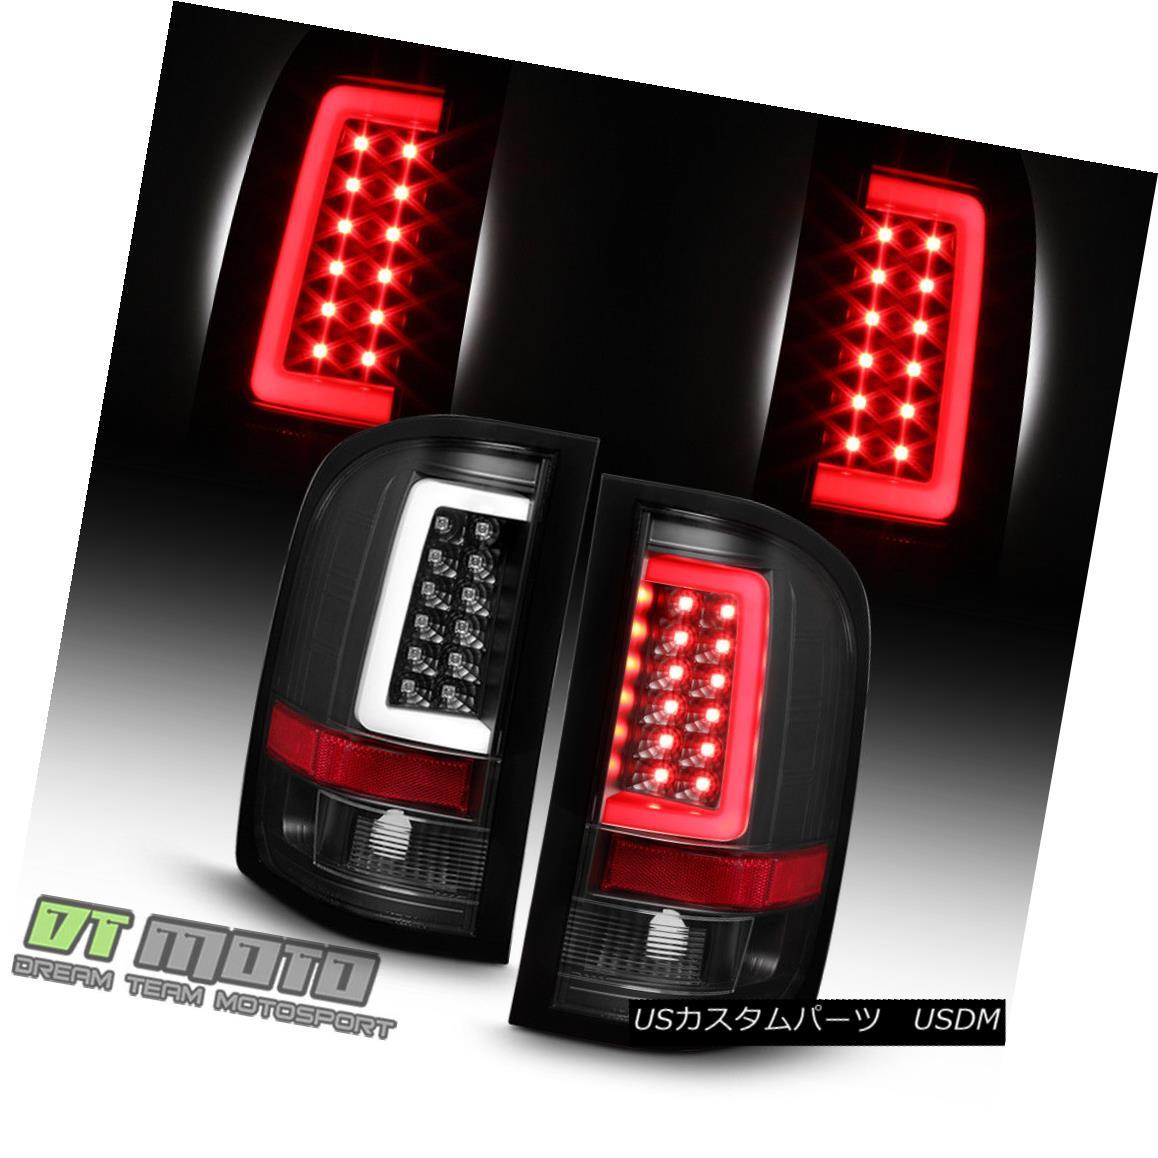 テールライト Black 2007-2013 Chevy Silverado 1500 2500 3500 LED Tube Tail Lights Brake Lamps ブラック2007-2013 Chevy Silverado 1500 2500 3500 LEDチューブテールライトブレーキランプ